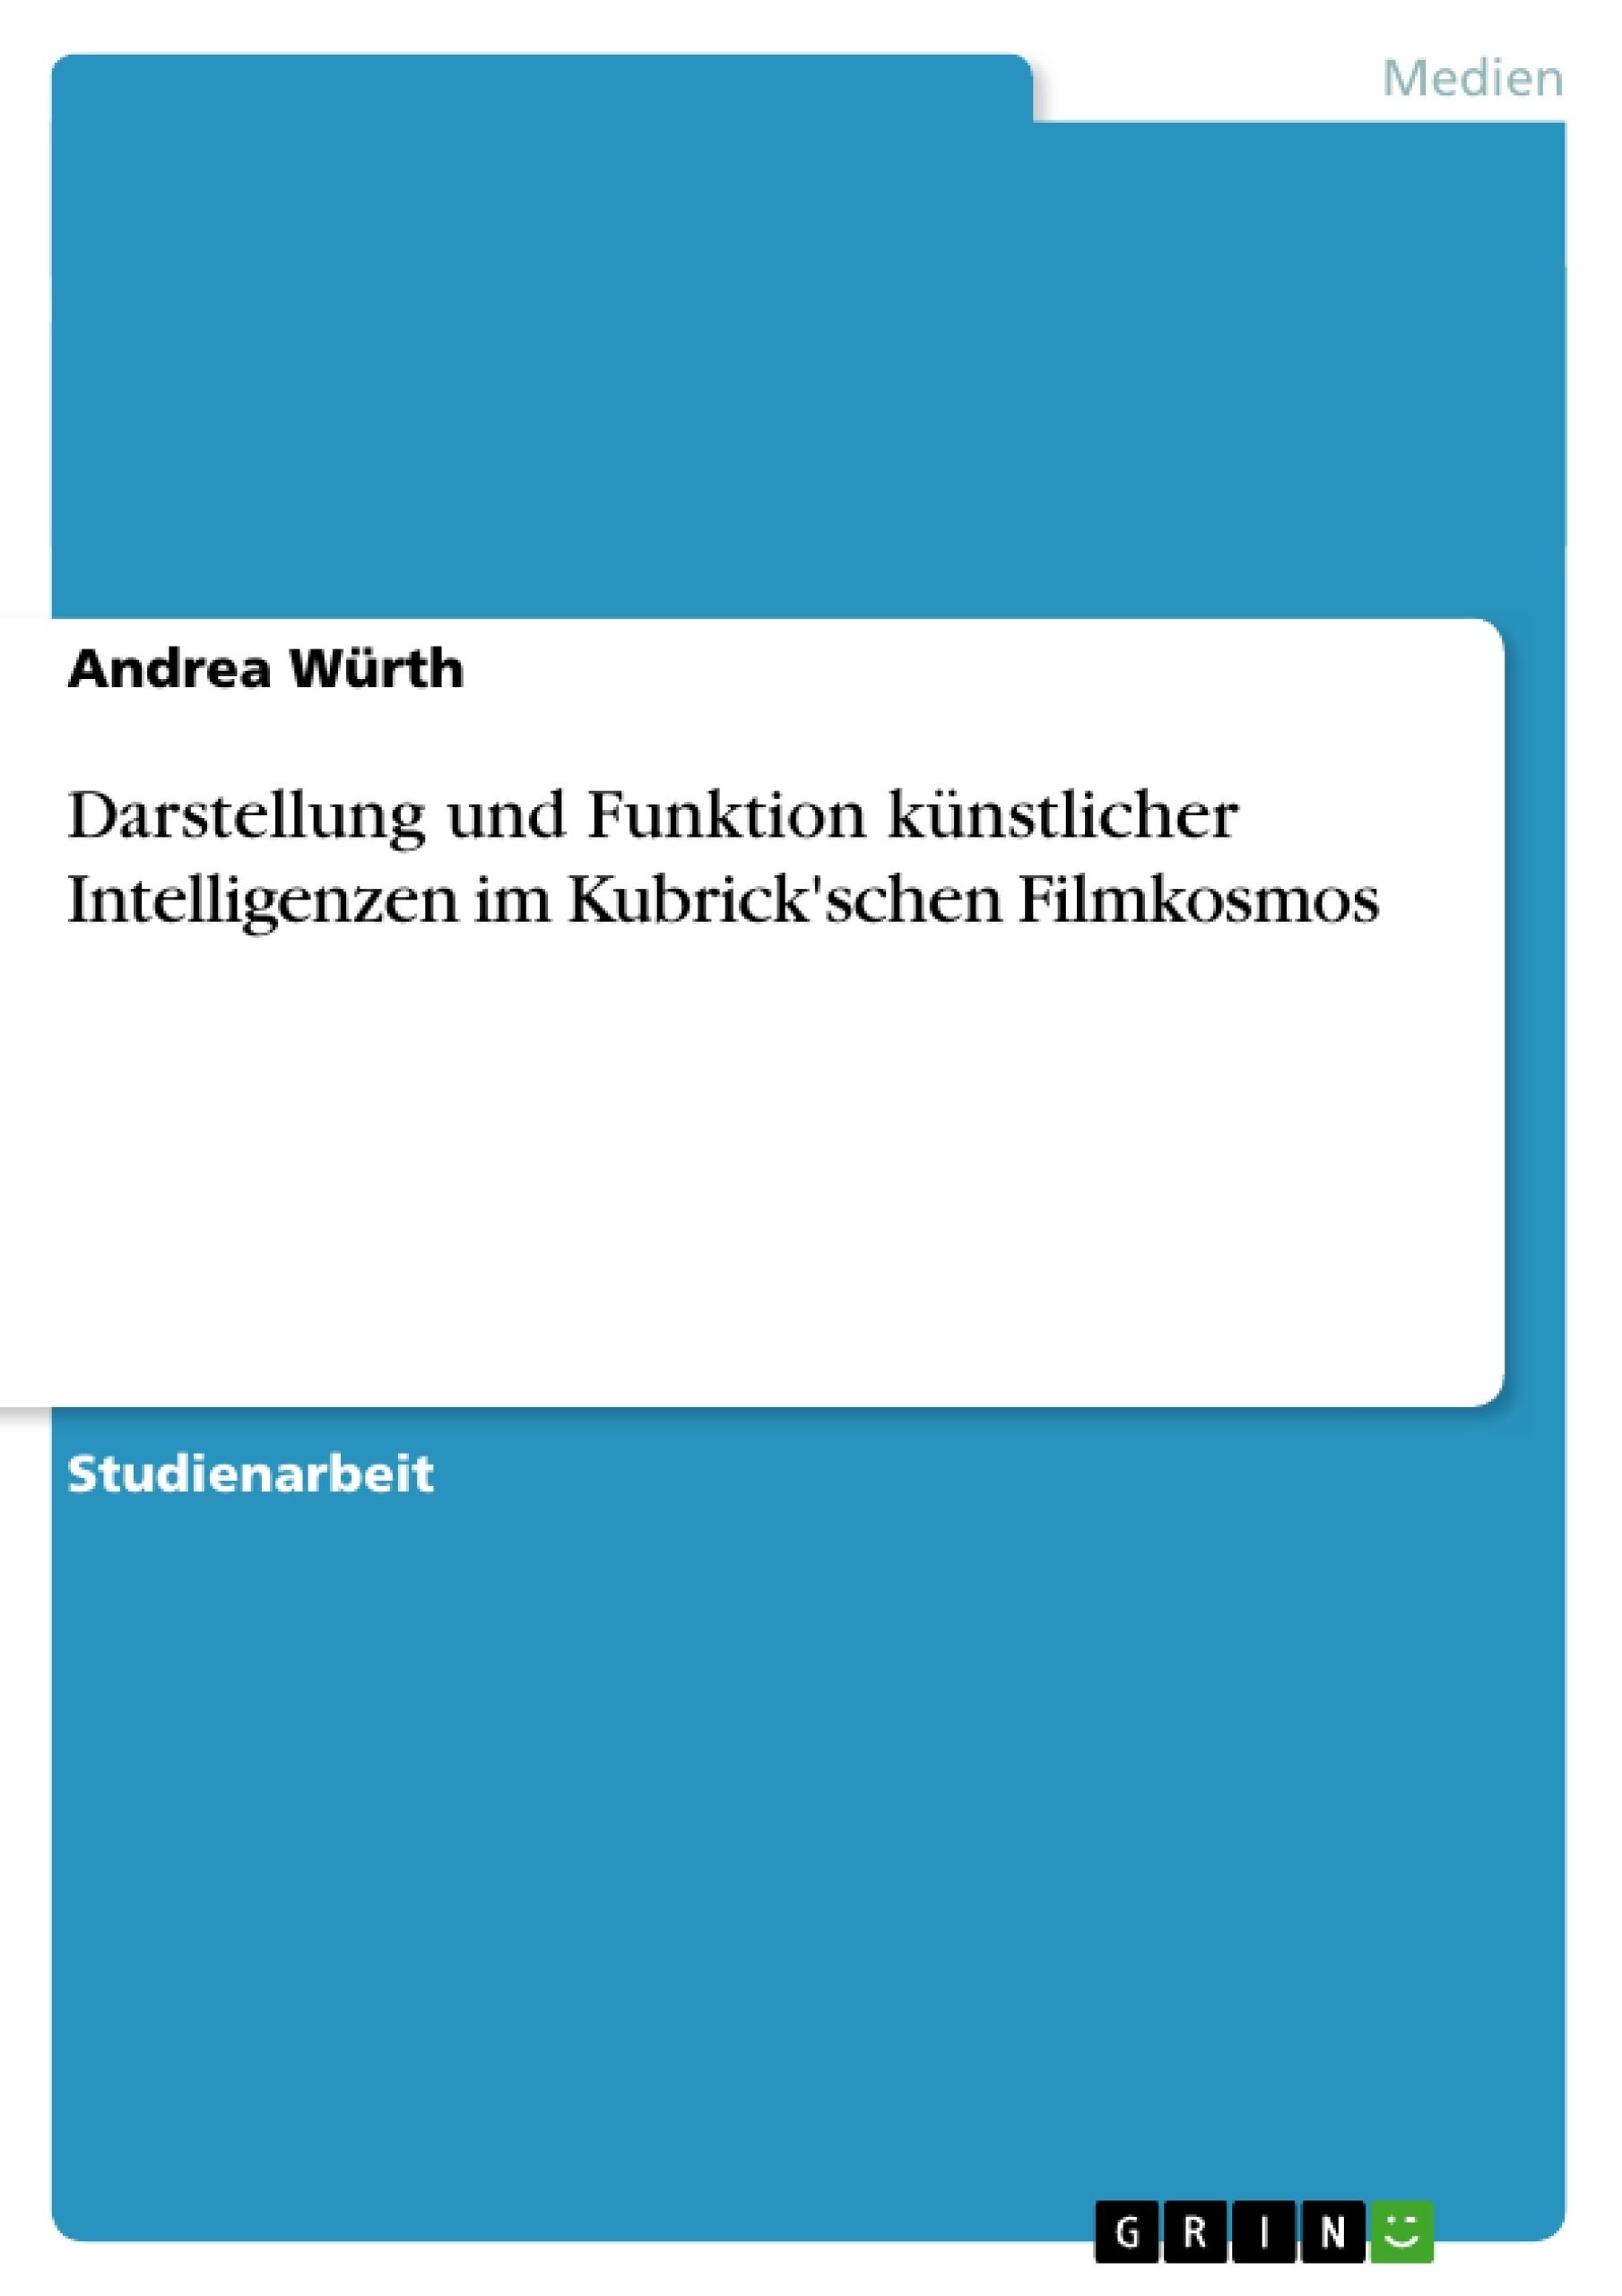 Titel: Darstellung und Funktion künstlicher Intelligenzen im Kubrick'schen Filmkosmos